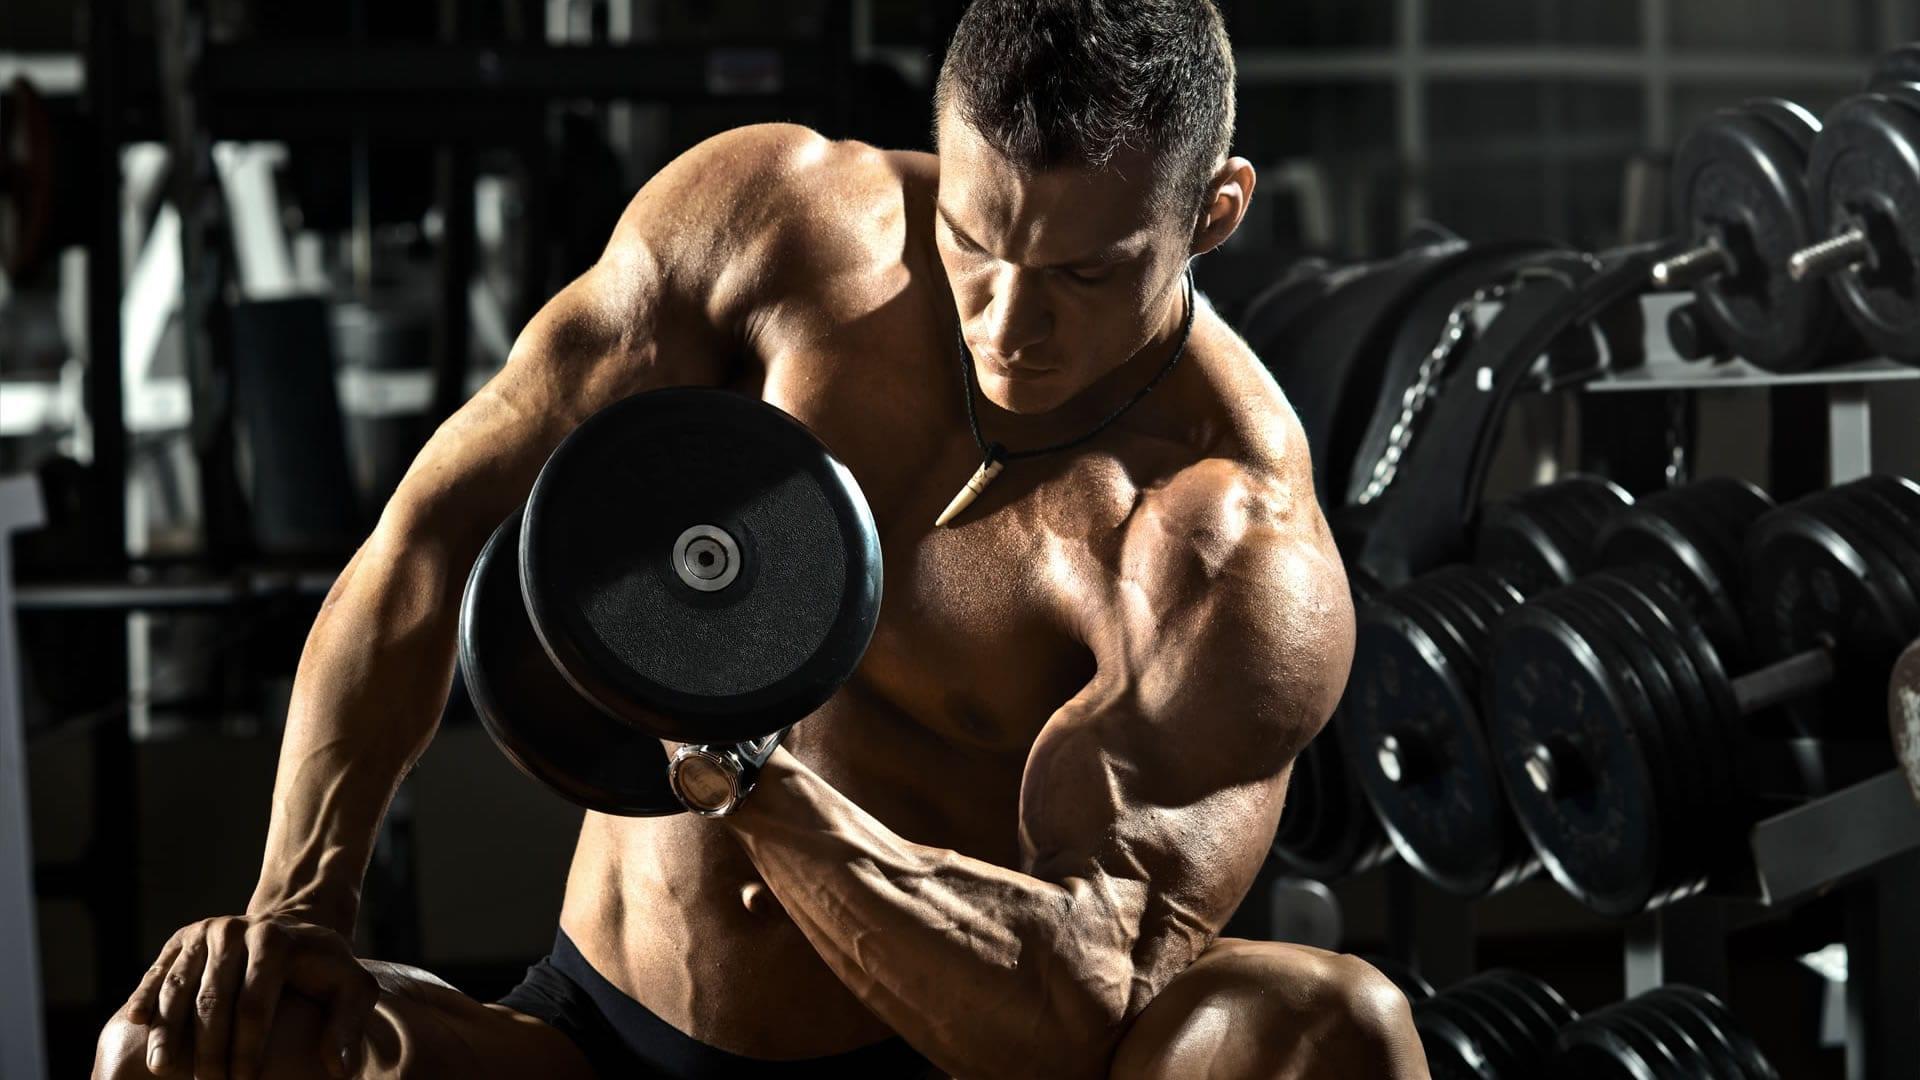 Anatomía del bíceps y del antebrazo | Cambiatufisico